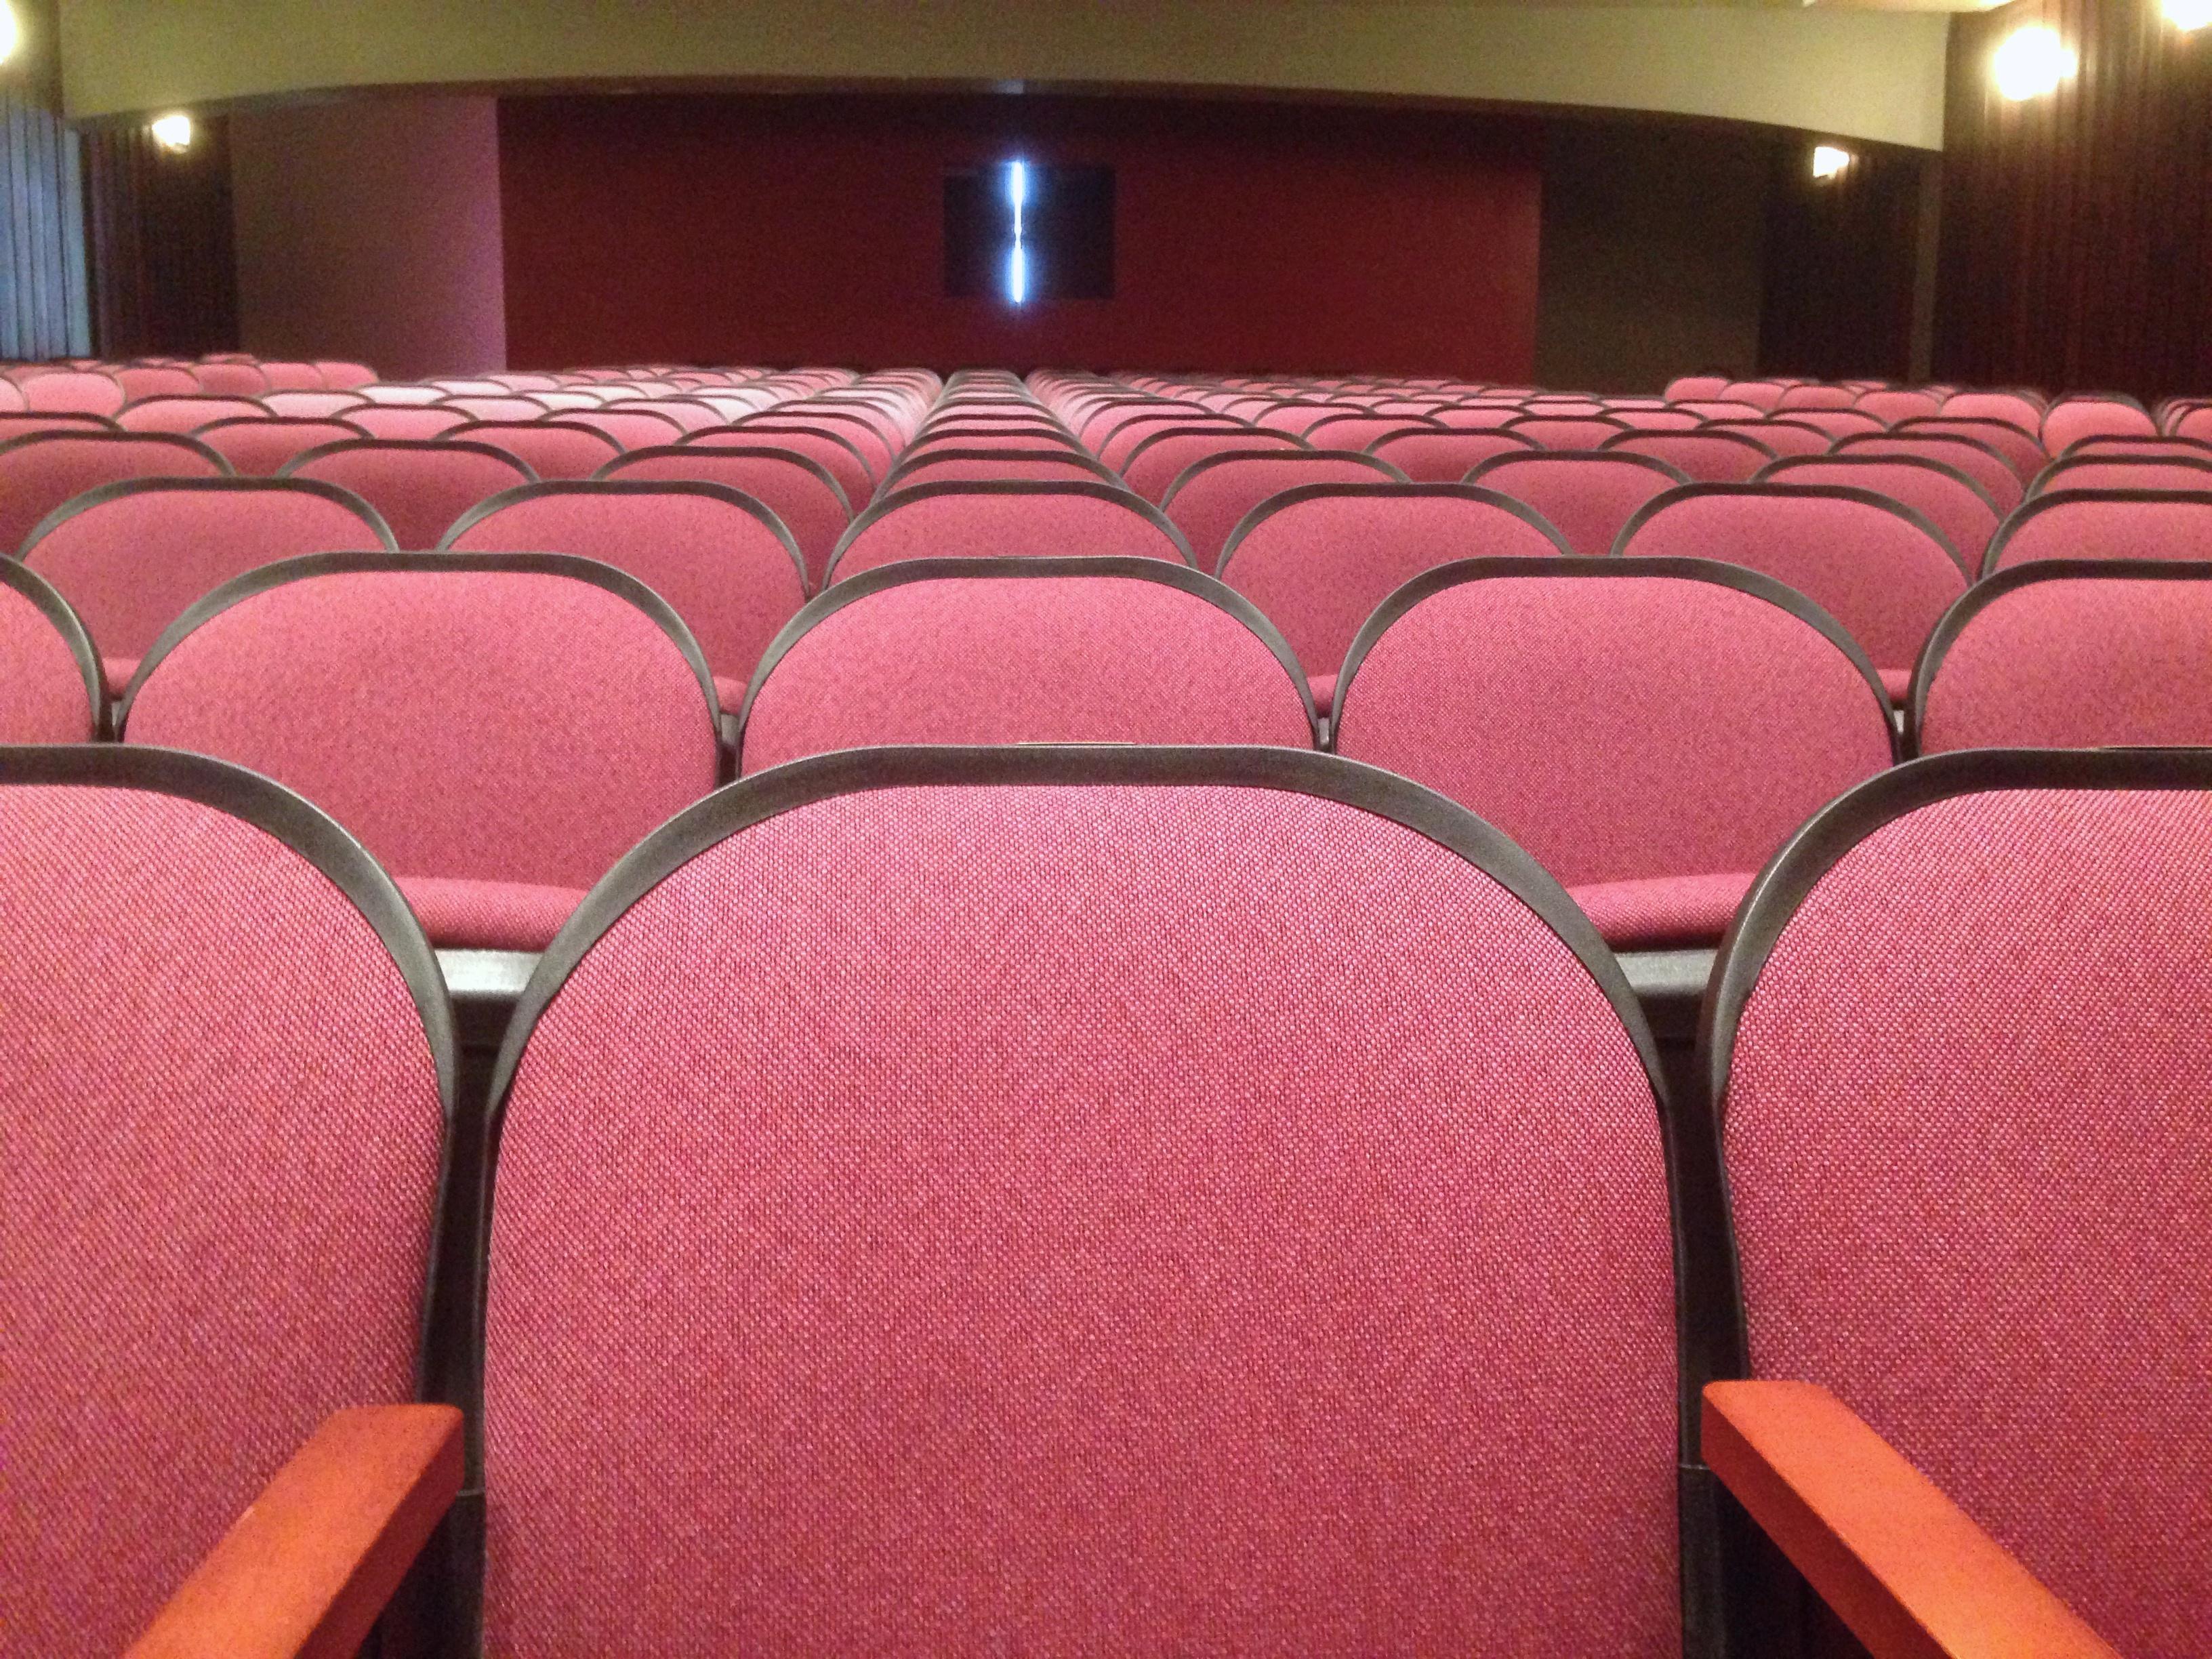 Free Images Auditorium Furniture Room Interior Design Theatre Movie Theater Conference